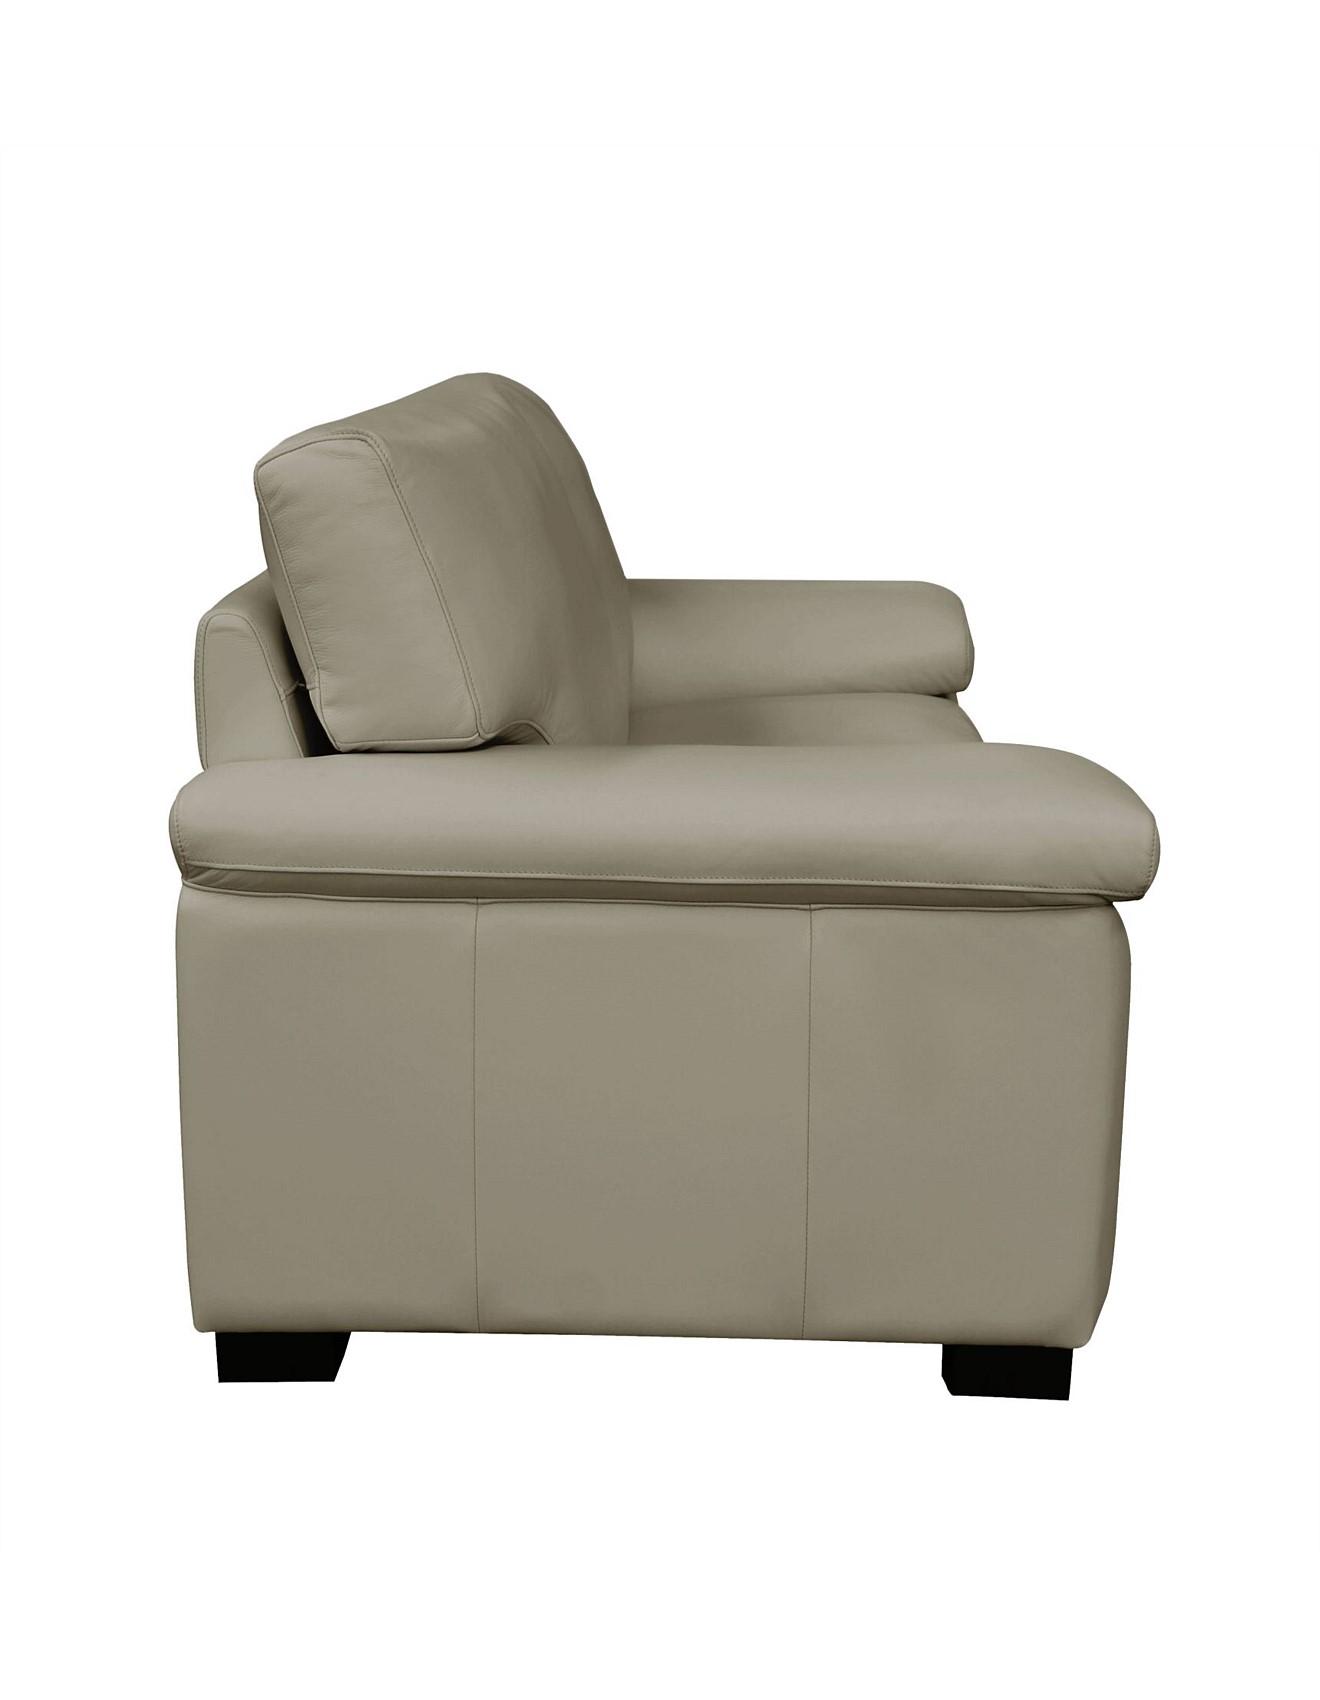 Moran Buy Moran Furniture Online David Jones Thomas